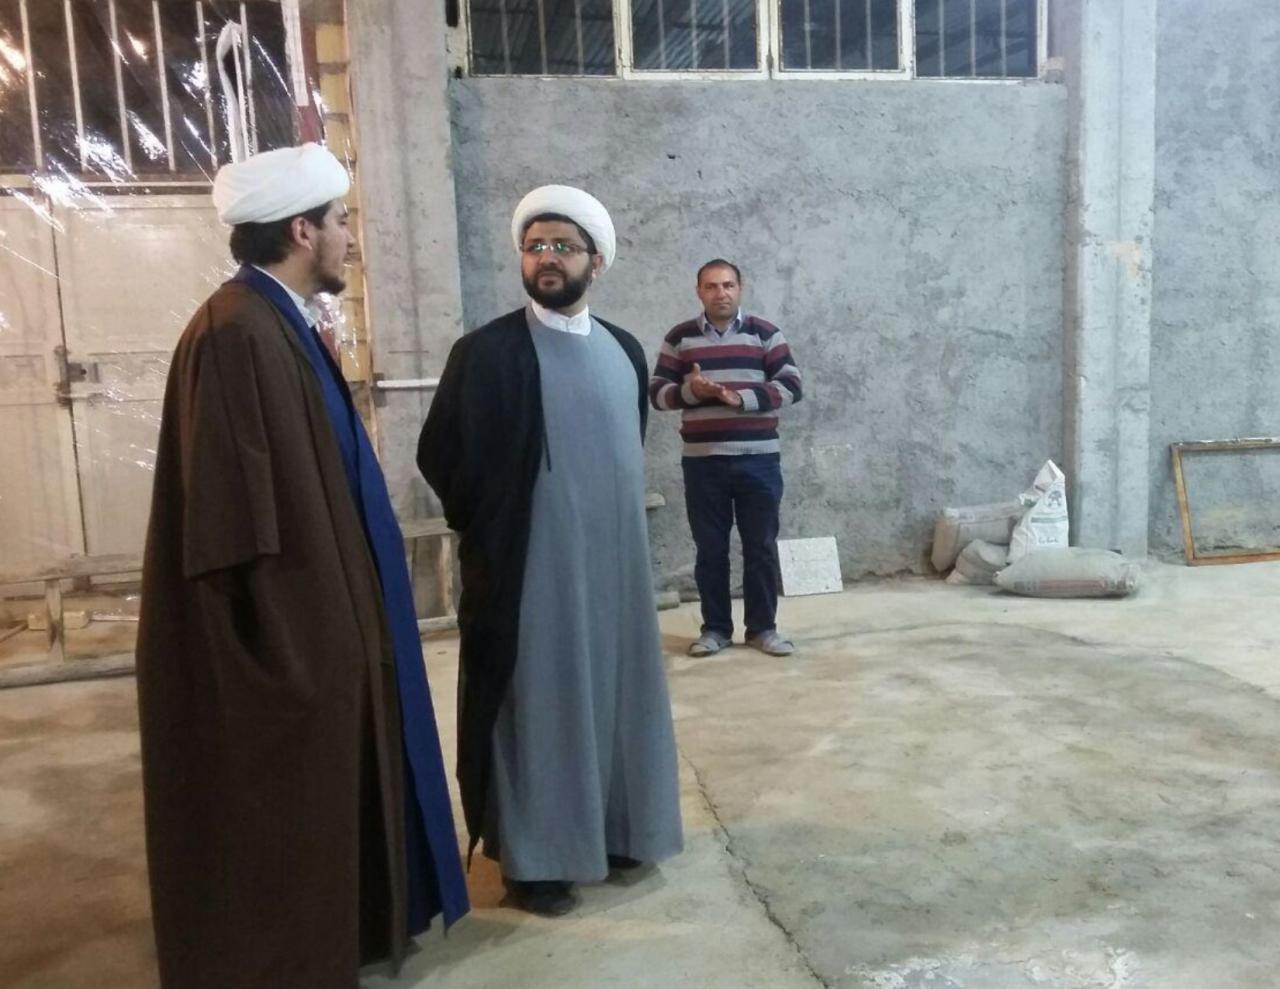 بازدید امام جمعه محترم شهر قهدریجان از روند ساخت مسجدپیغمبر رحمت به همراه امام جماعت این مسجد